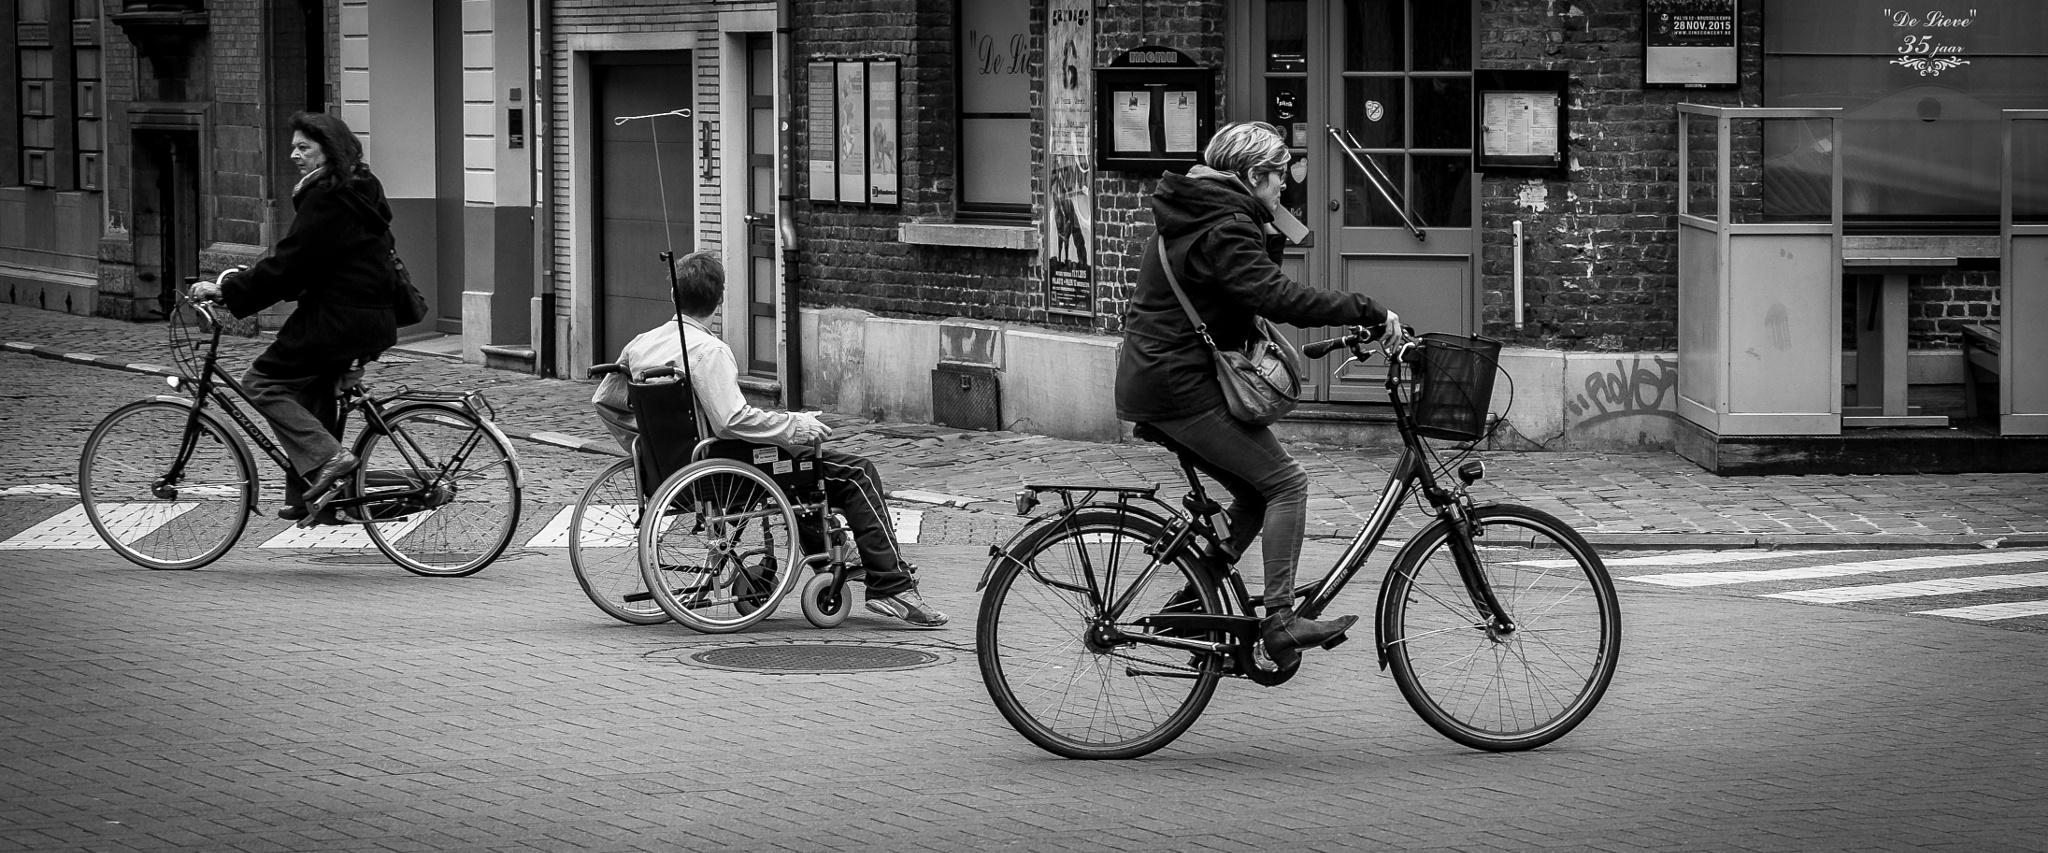 Race to....? by fotoclaesjohn